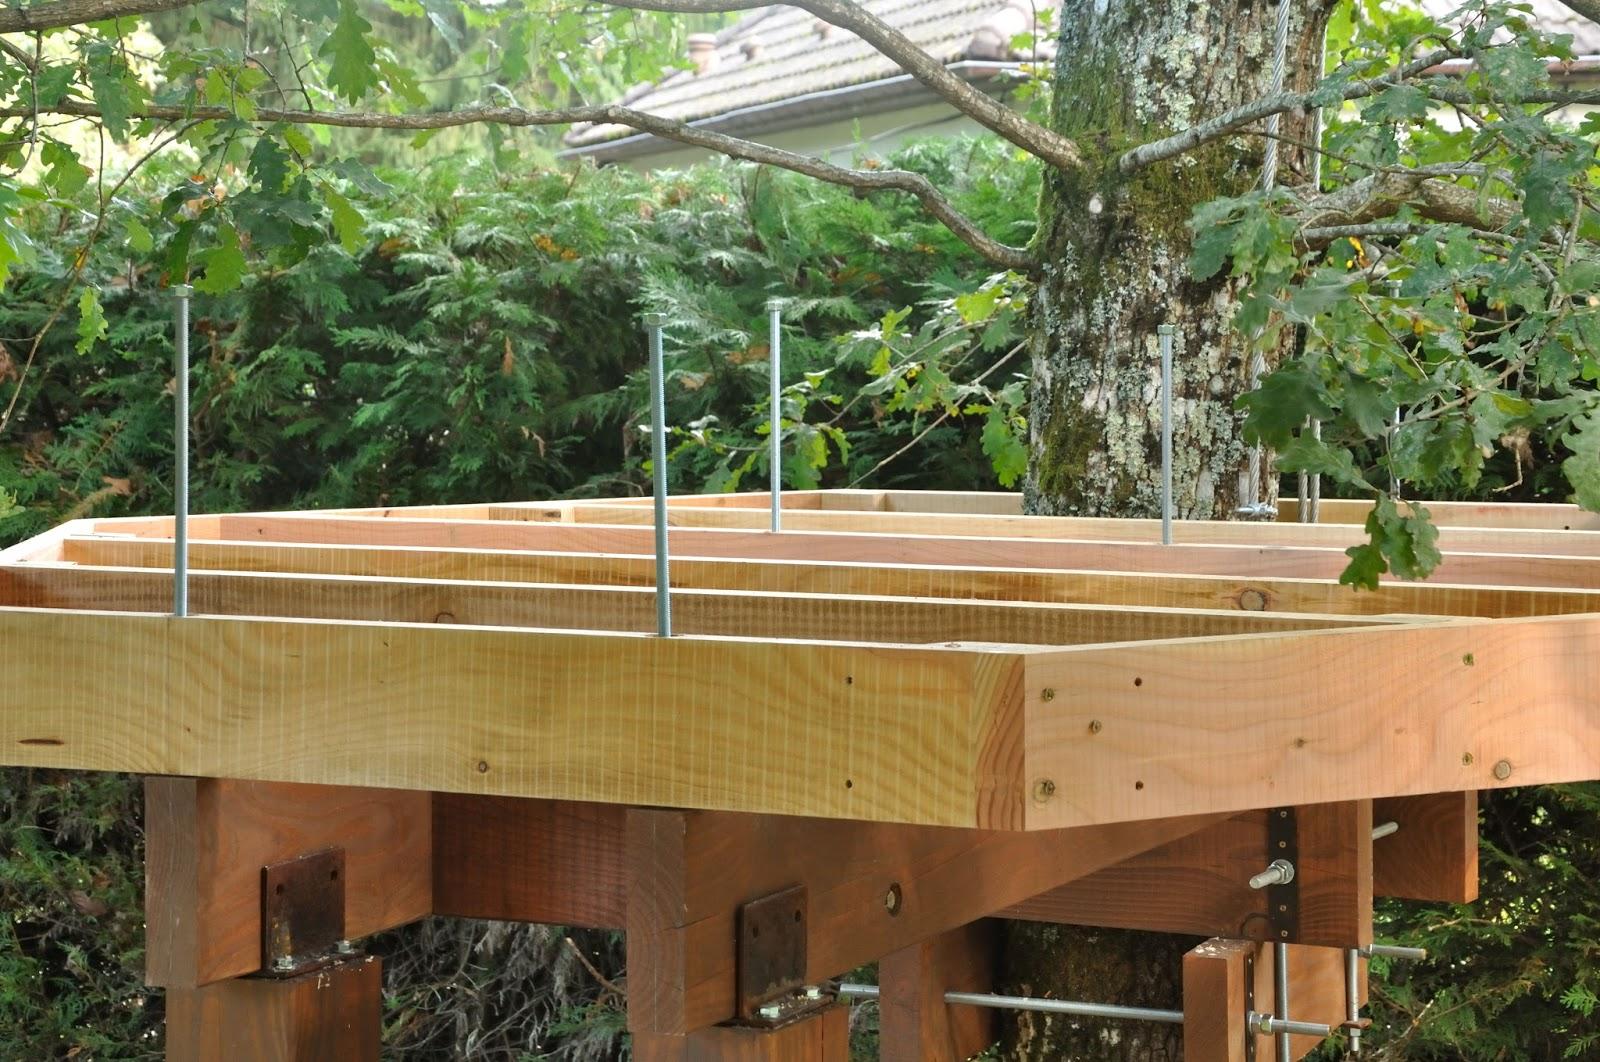 fixation de la structure du plancher cabane 2 la cabane de prout et nonosse. Black Bedroom Furniture Sets. Home Design Ideas